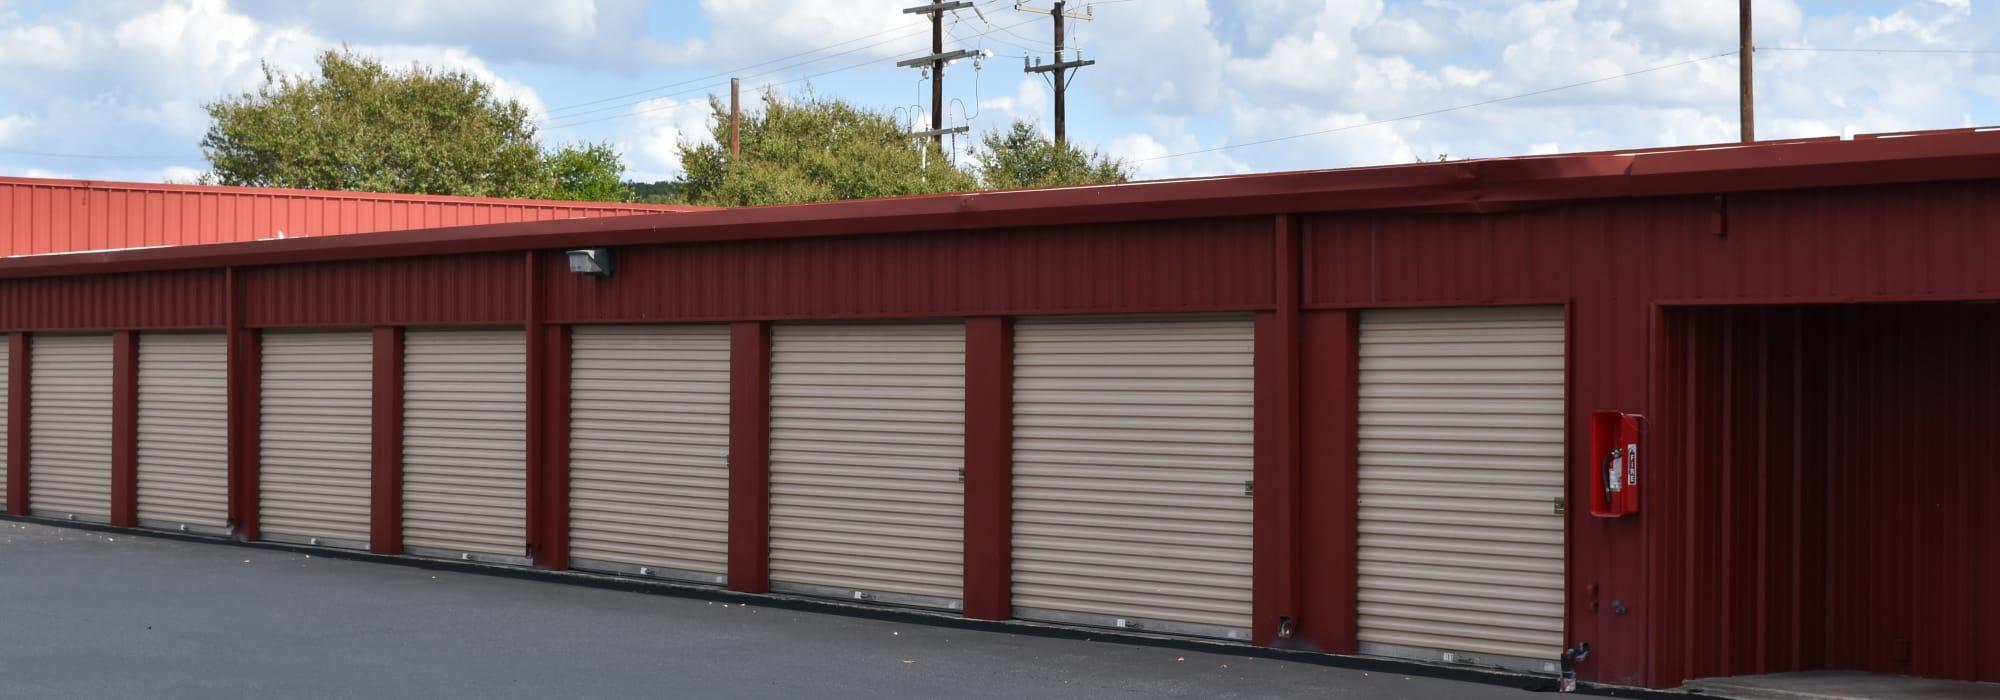 AAA Alliance Self Storage in San Antonio, Texas